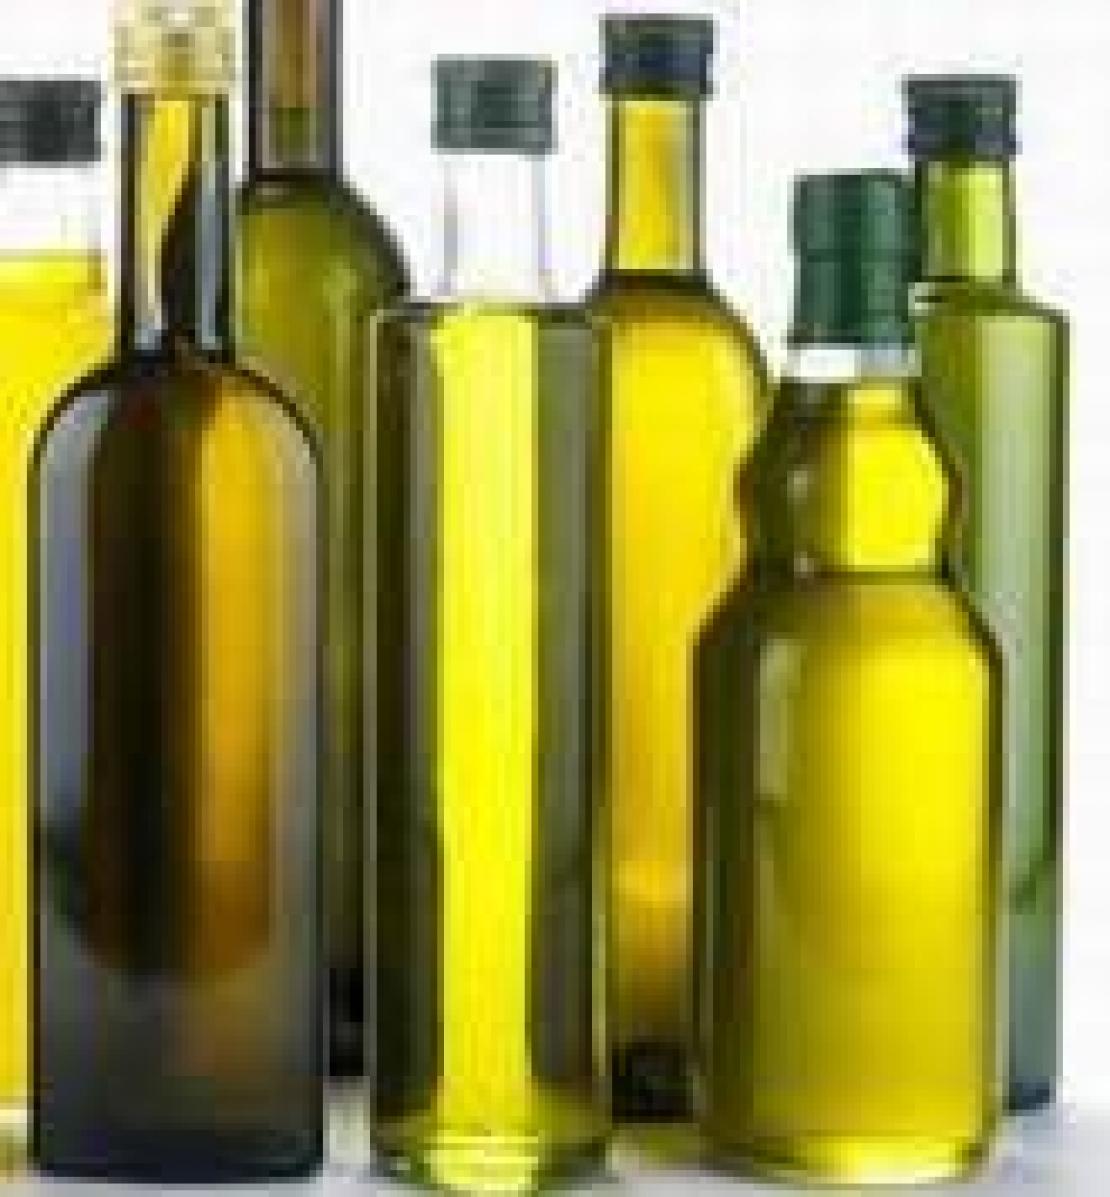 e9f66d36ab Ecco come nasce un olio extra vergine d'oliva da vendere a 2,59 euro al  litro